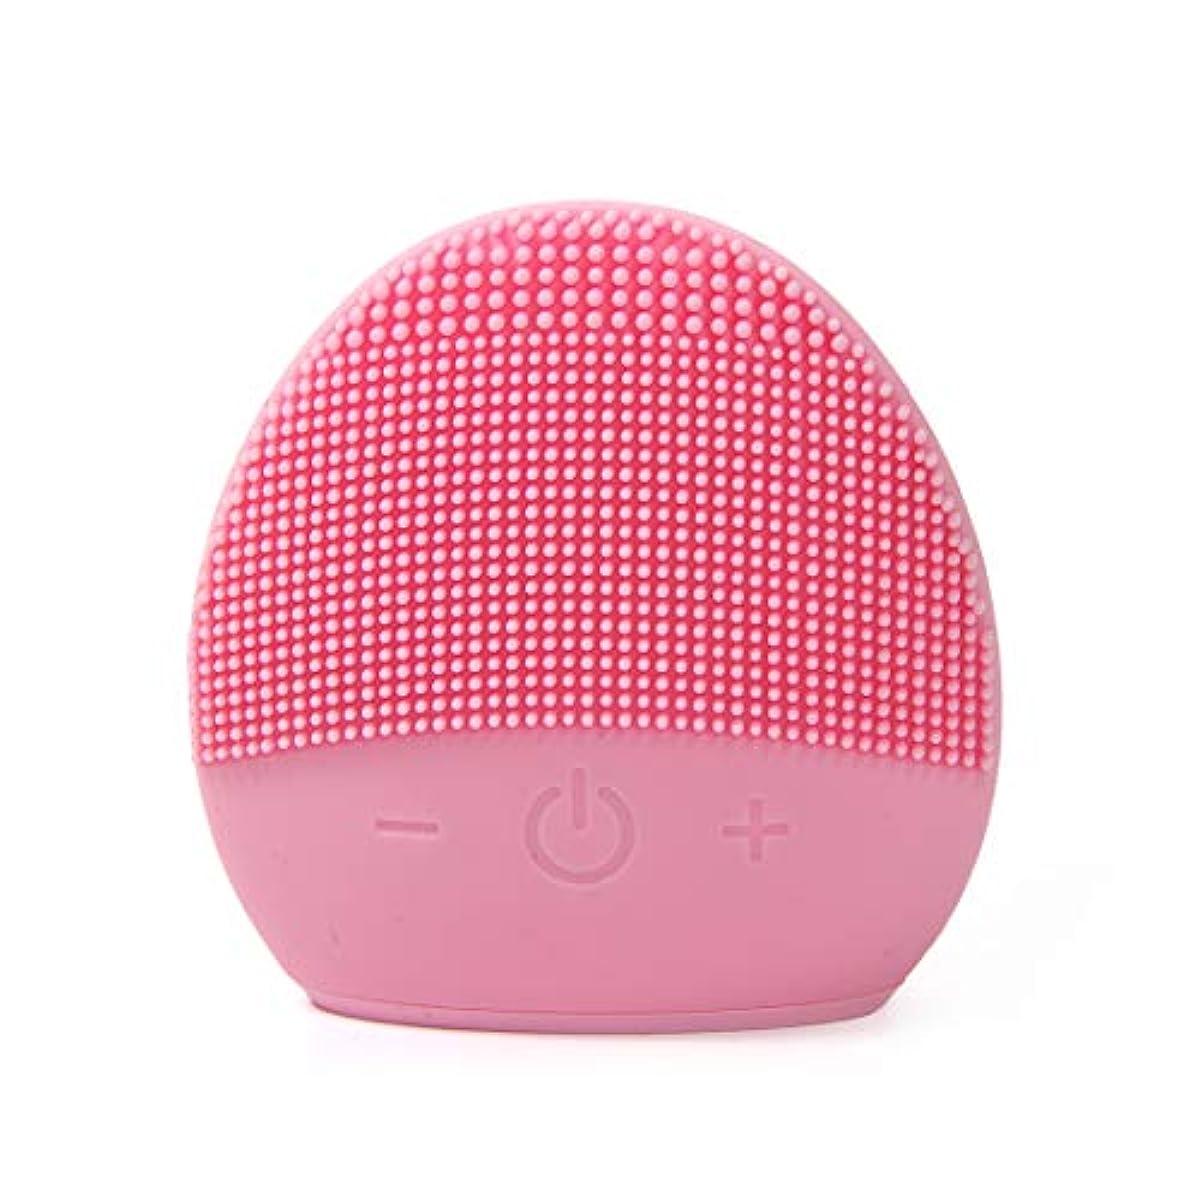 便宜なめらかレトルトミニシリコーンクレンジングブラシ - すべての肌タイプのためのFEITA防水シリコーンクレンザーと電気マッサージシステム(ピンク)